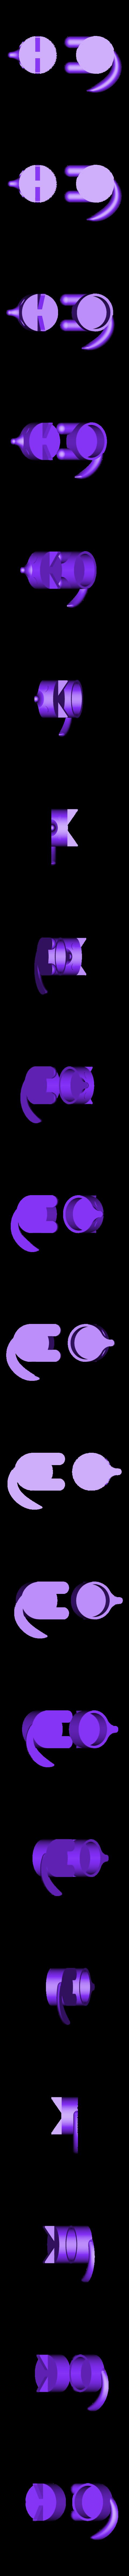 cork-pals-corcastic-mr-fox.stl Download free STL file Cork Pals: Corcastic Mr. Fox • 3D printer design, UAUproject